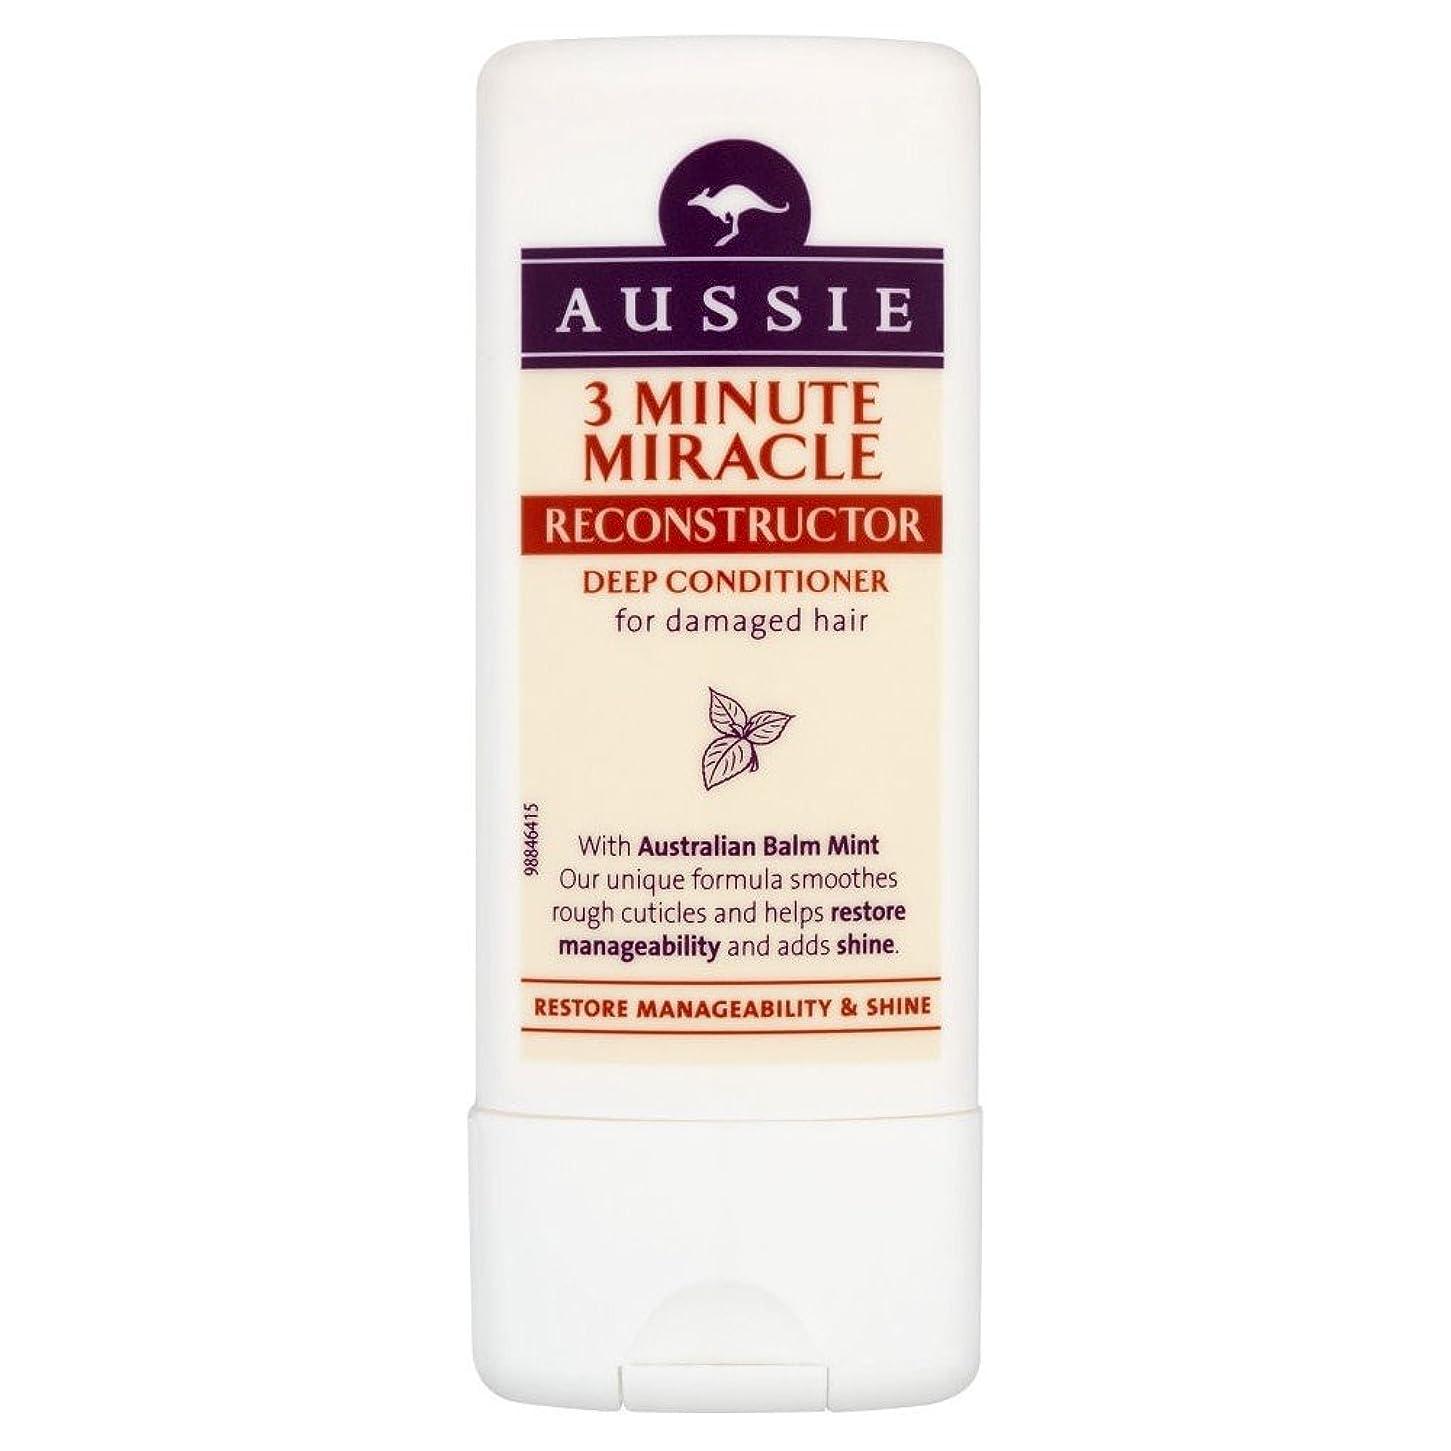 過度に泥沼該当するAussie 3 Minute Miracle Travel Conditioner (75ml) オージー3分の奇跡旅行コンディショナー( 75ミリリットル) [並行輸入品]